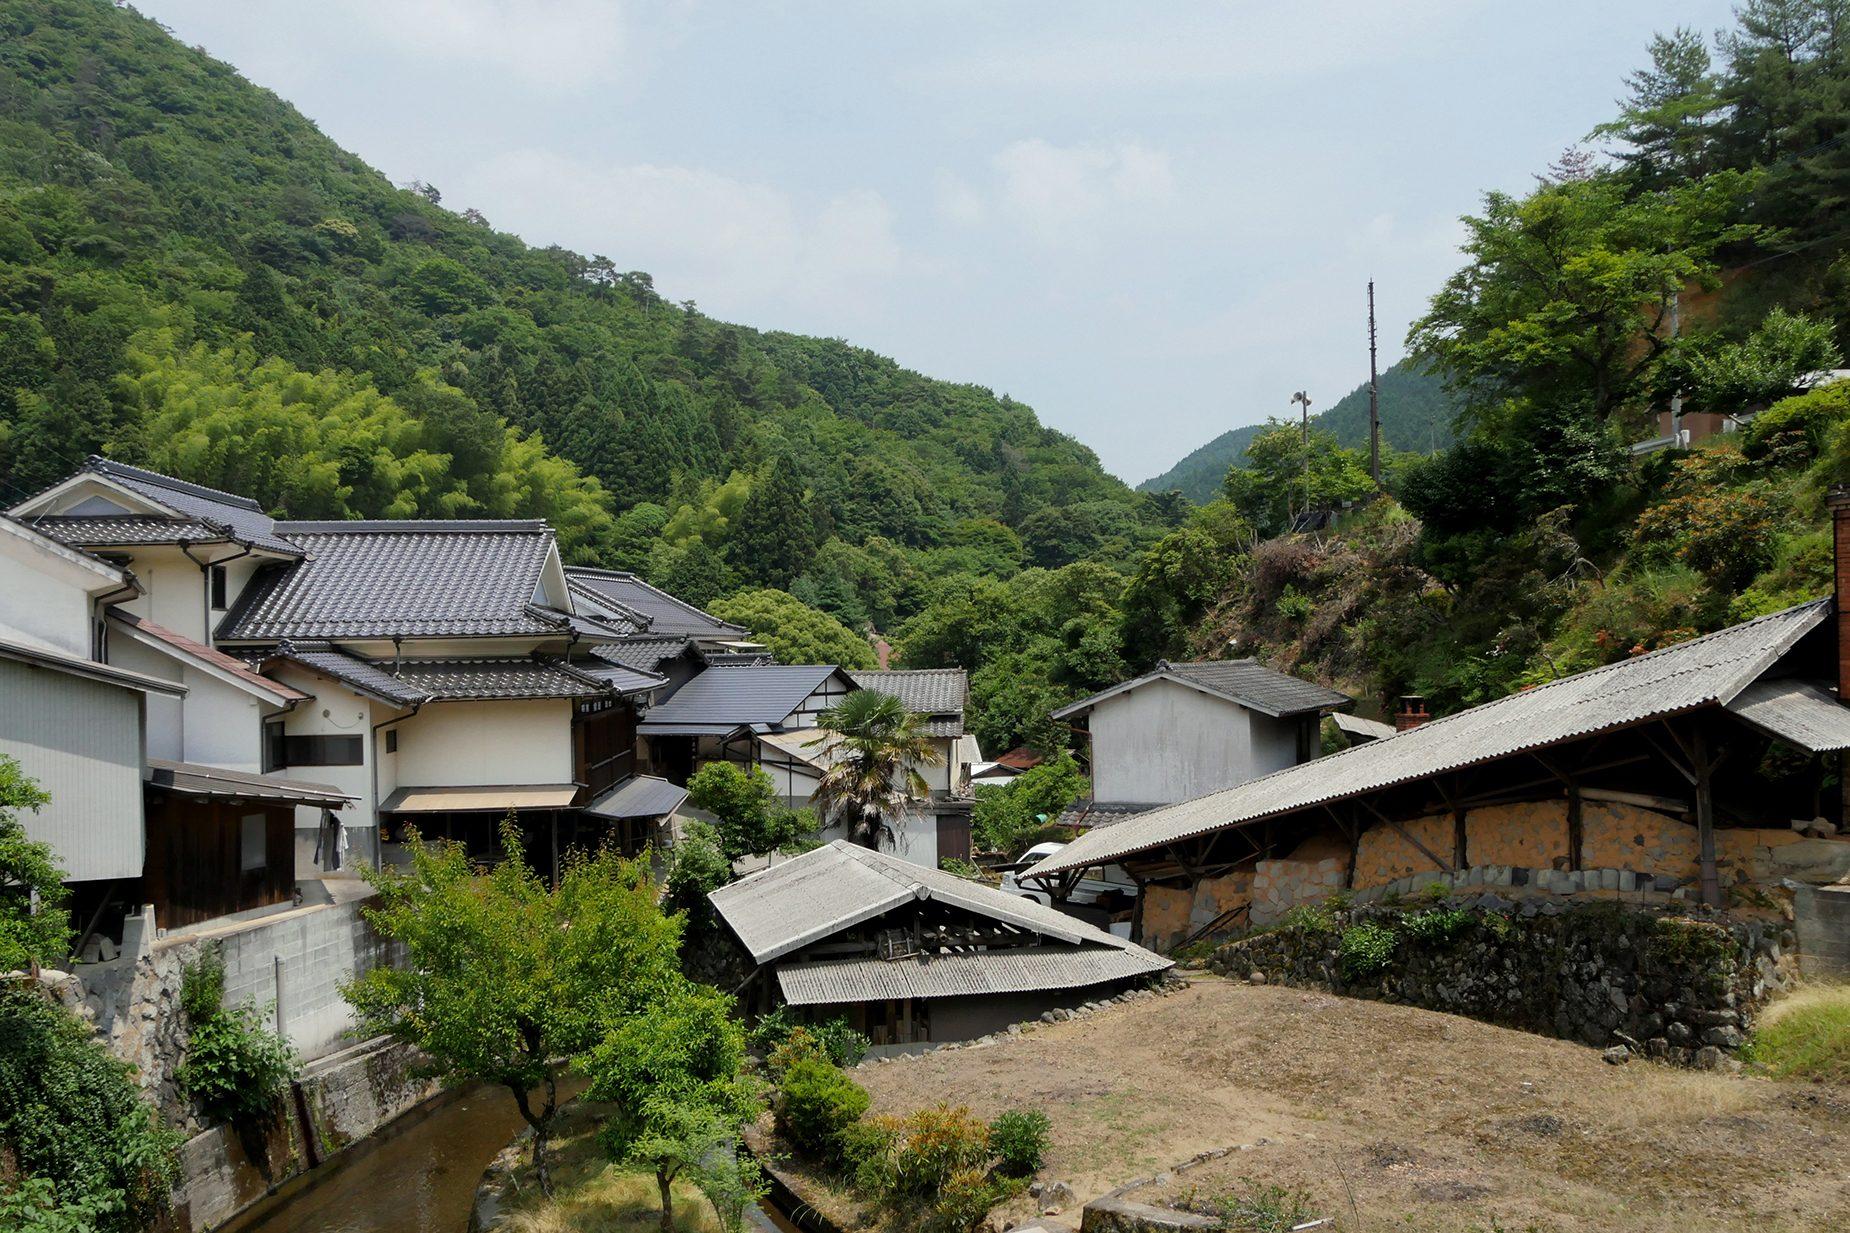 170731_kyushu_05